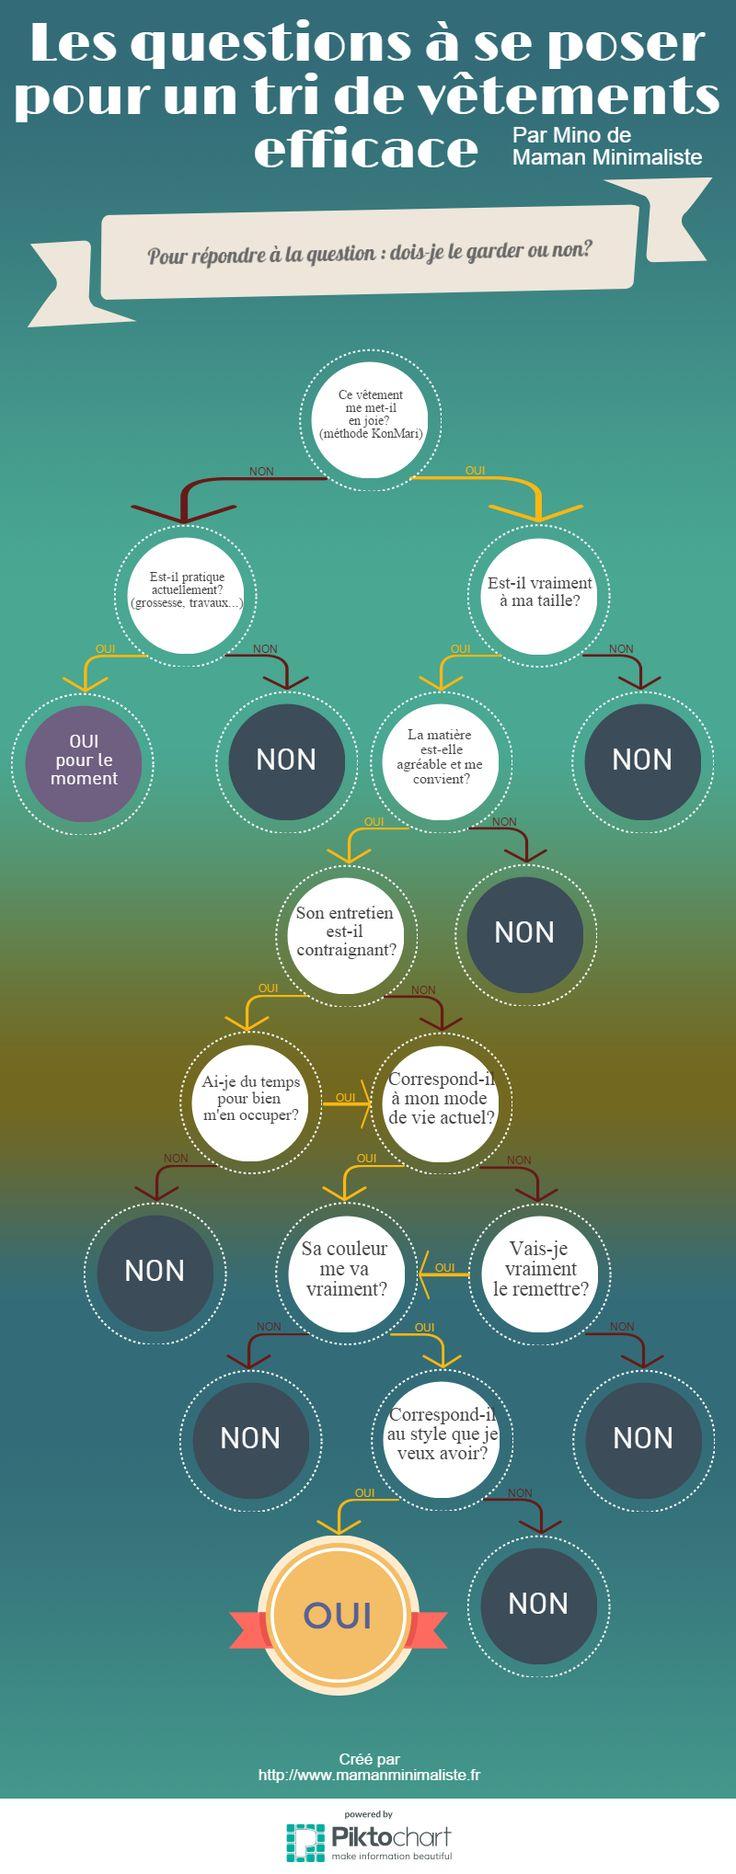 [Infographie] Les questions à se poser pour un tri de vêtements | Maman Minimaliste